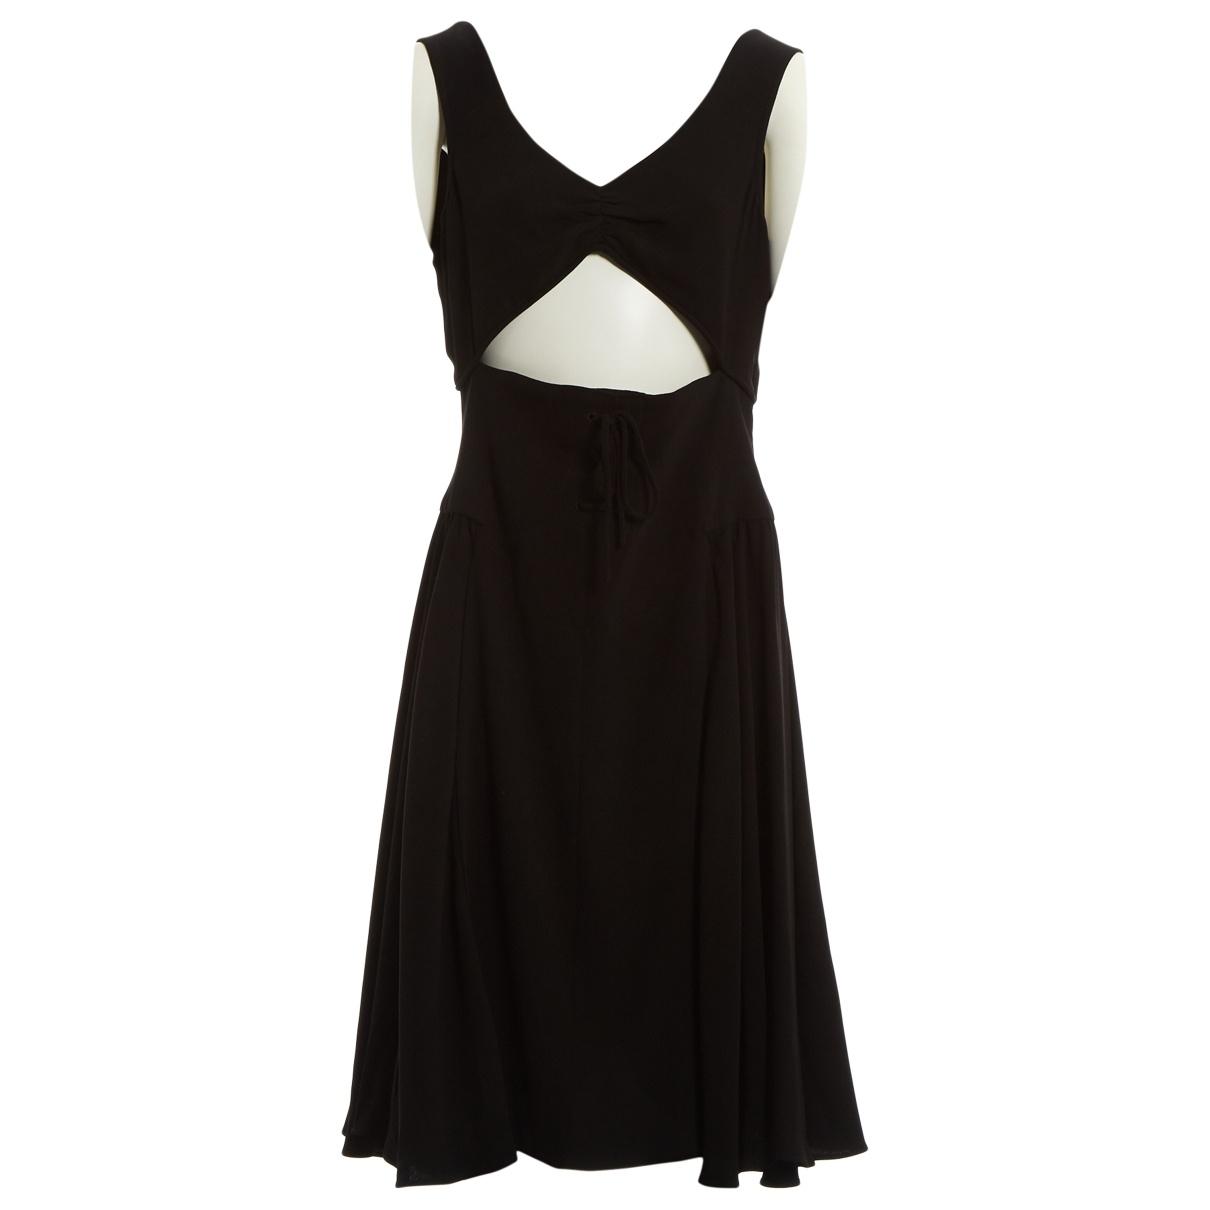 J.w. Anderson \N Black dress for Women 42 FR